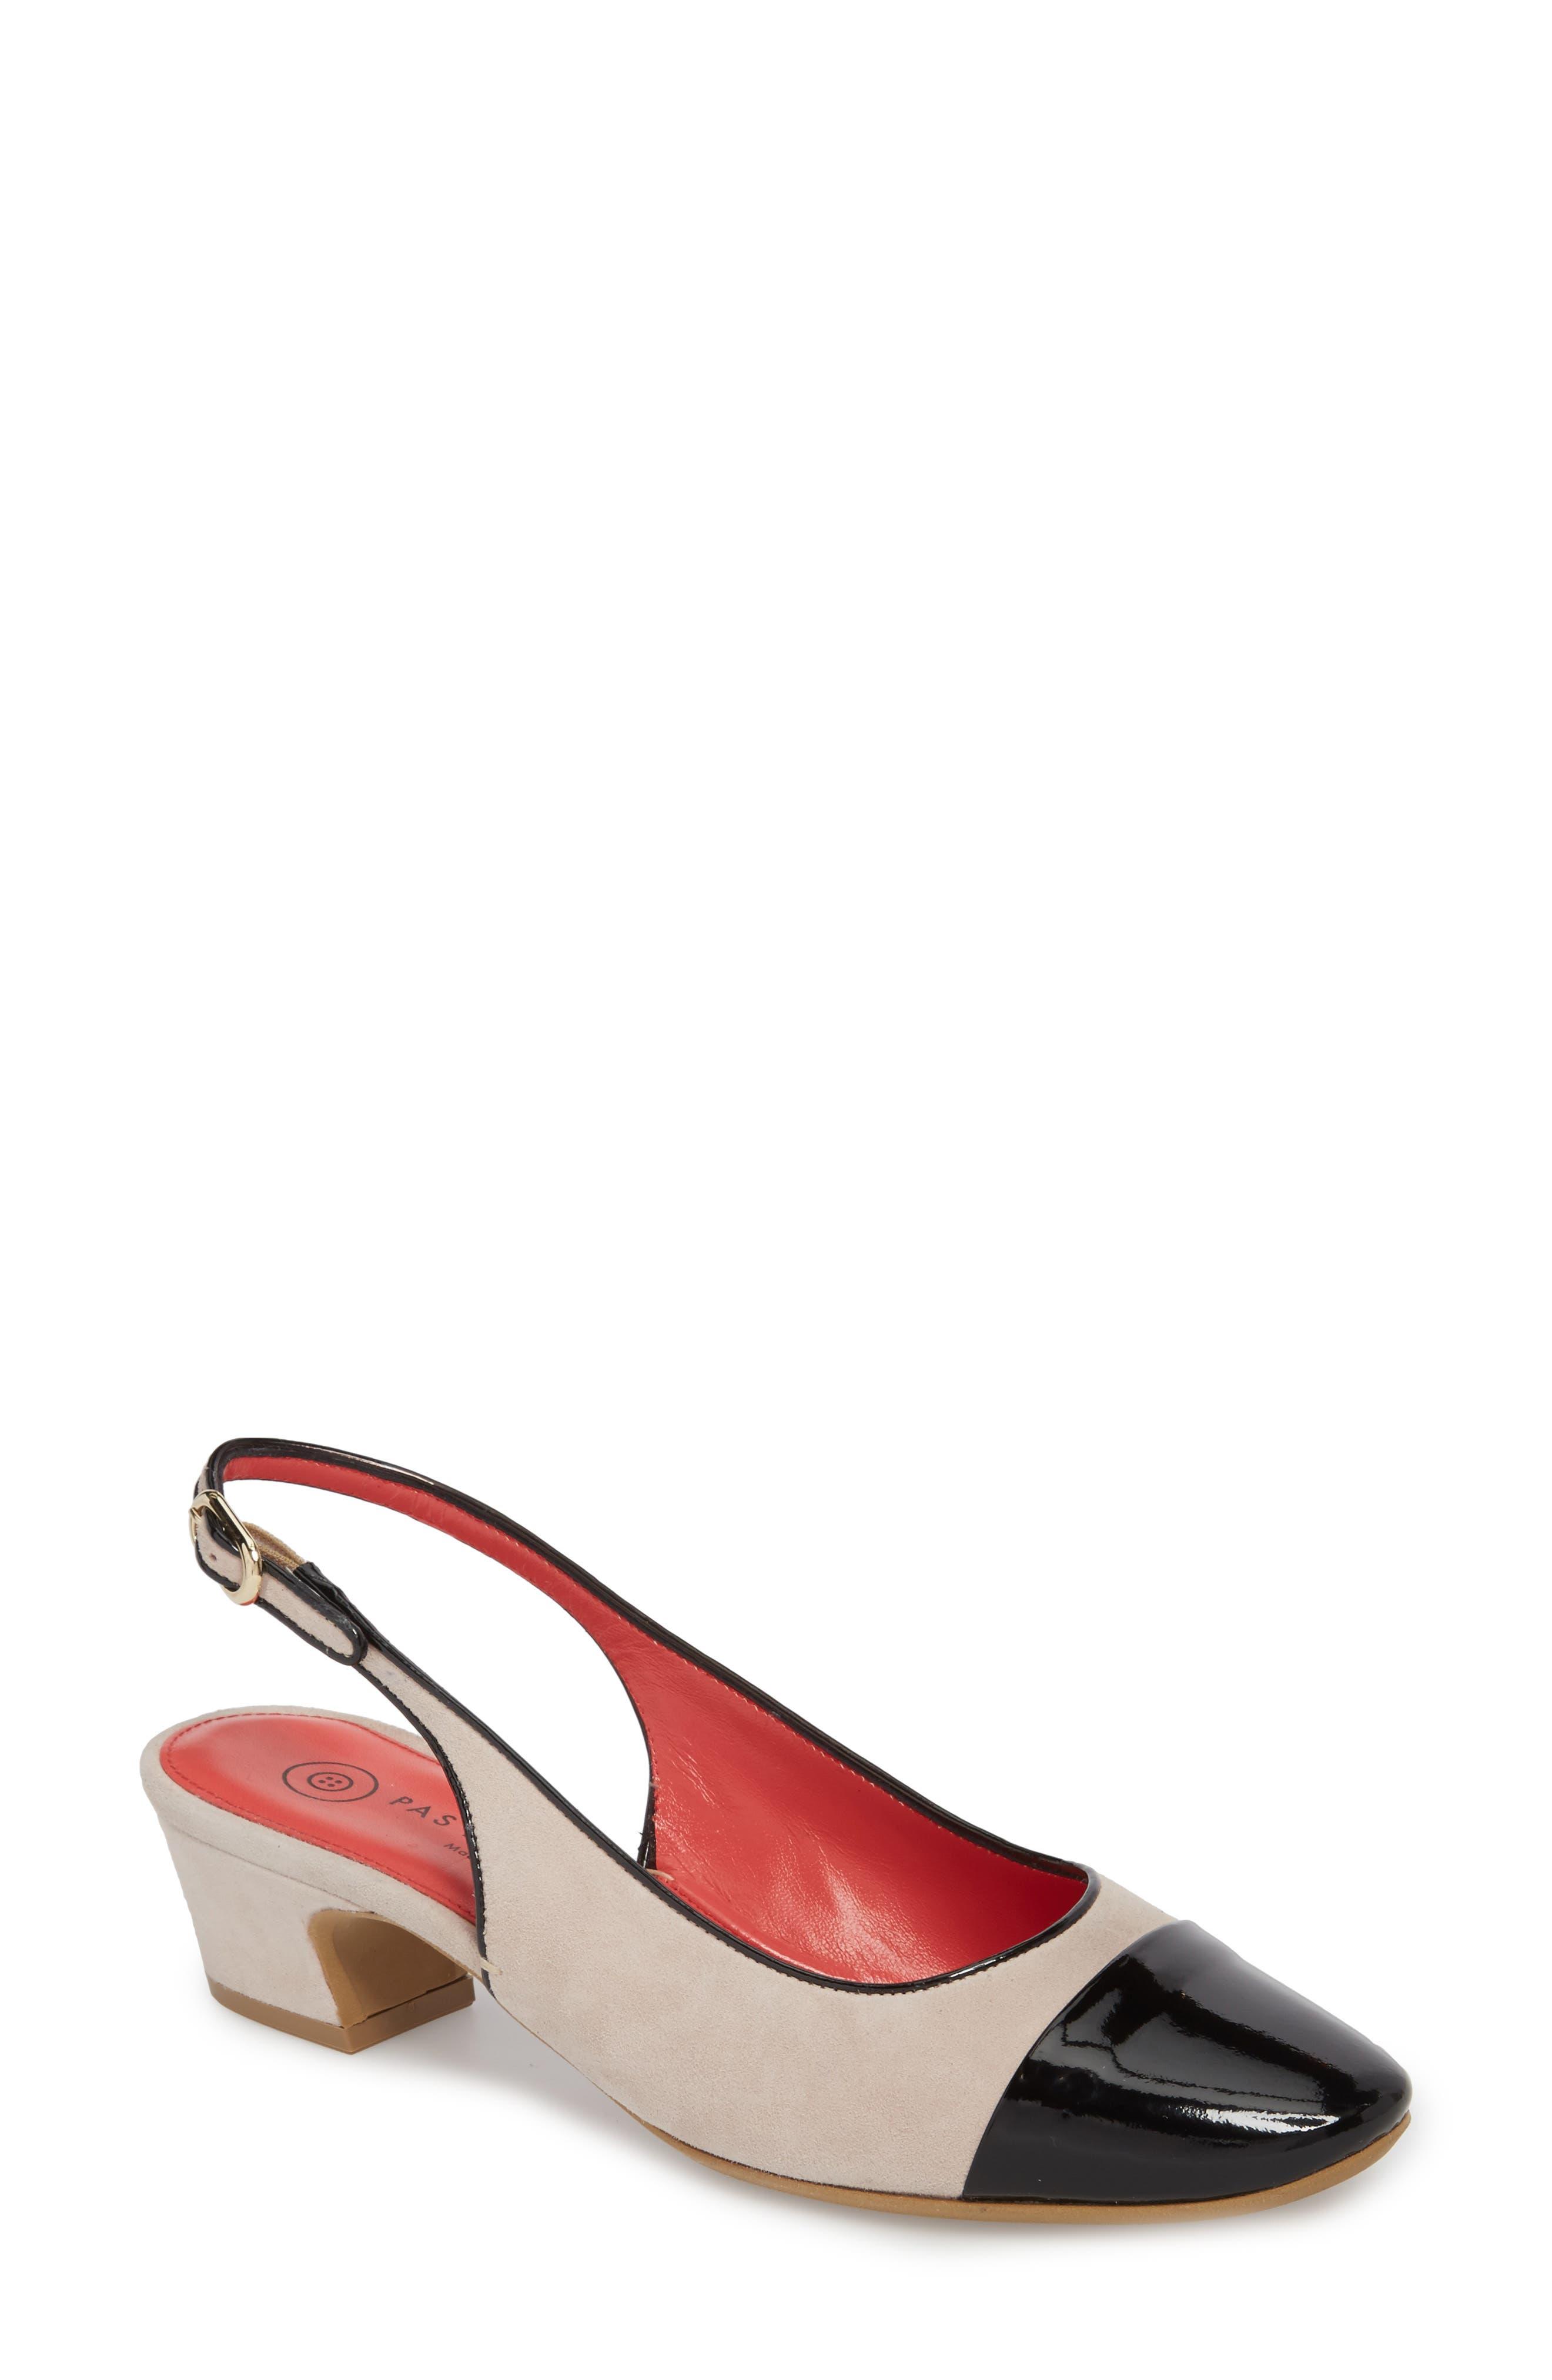 Coffee Flat Heel PU SpringFall Sandal  5hH6gJ1f